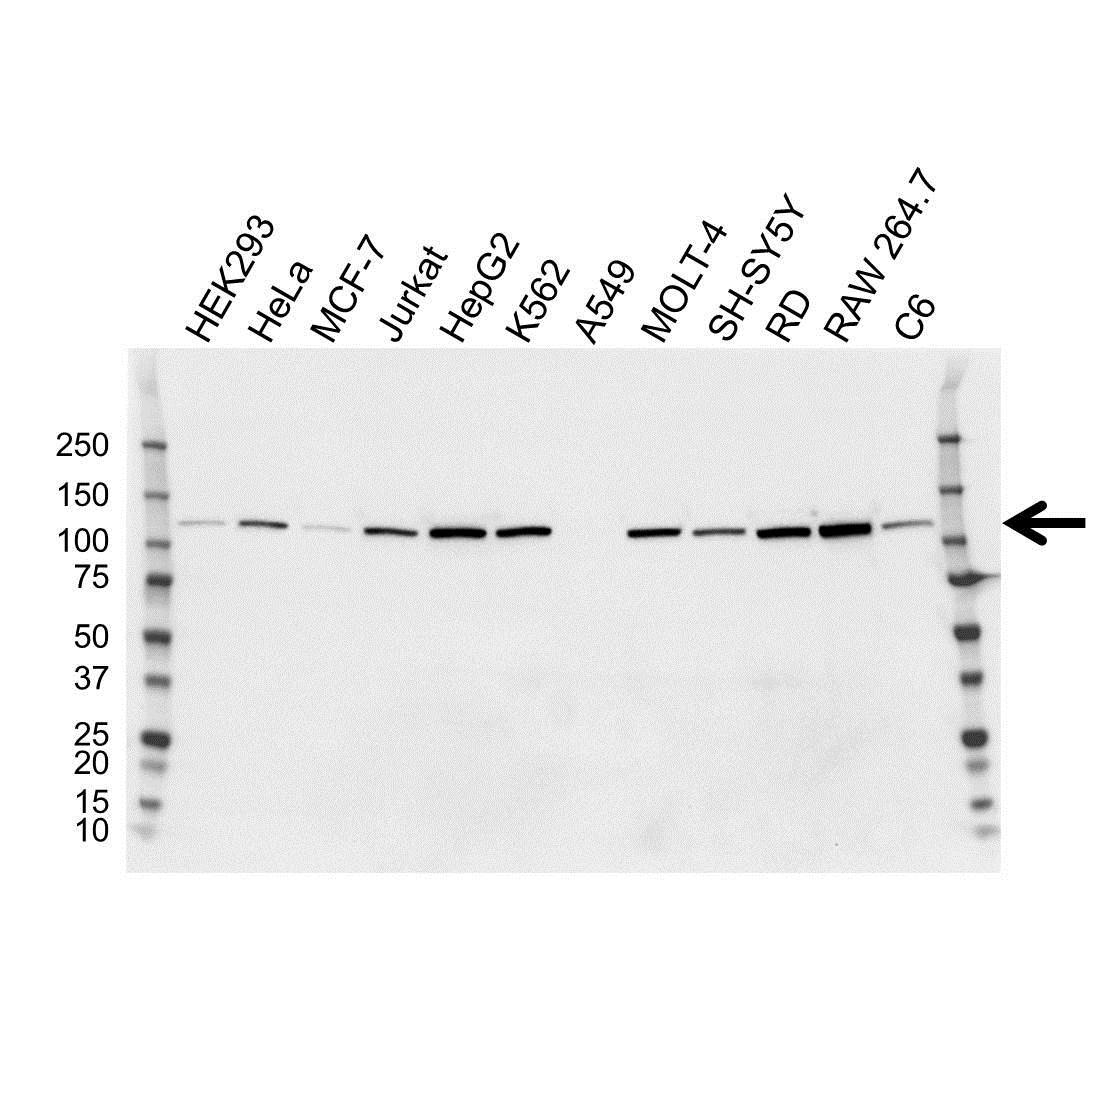 Anti Hexokinase 2 Antibody, clone OTI4C5 (PrecisionAb™ Monoclonal Antibody) gallery image 1